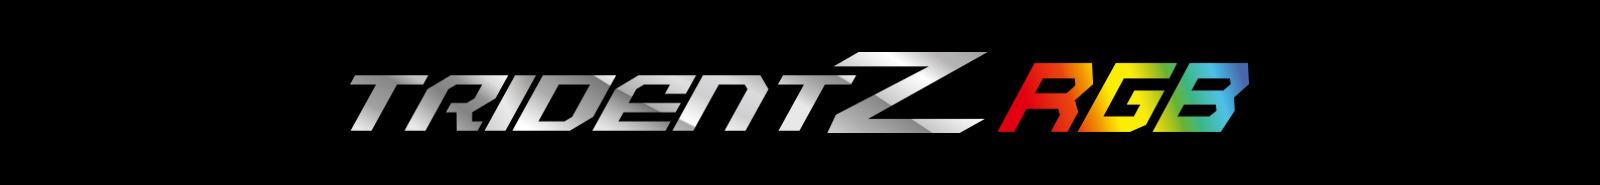 01-tridentzrgb-logo-eng.jpg